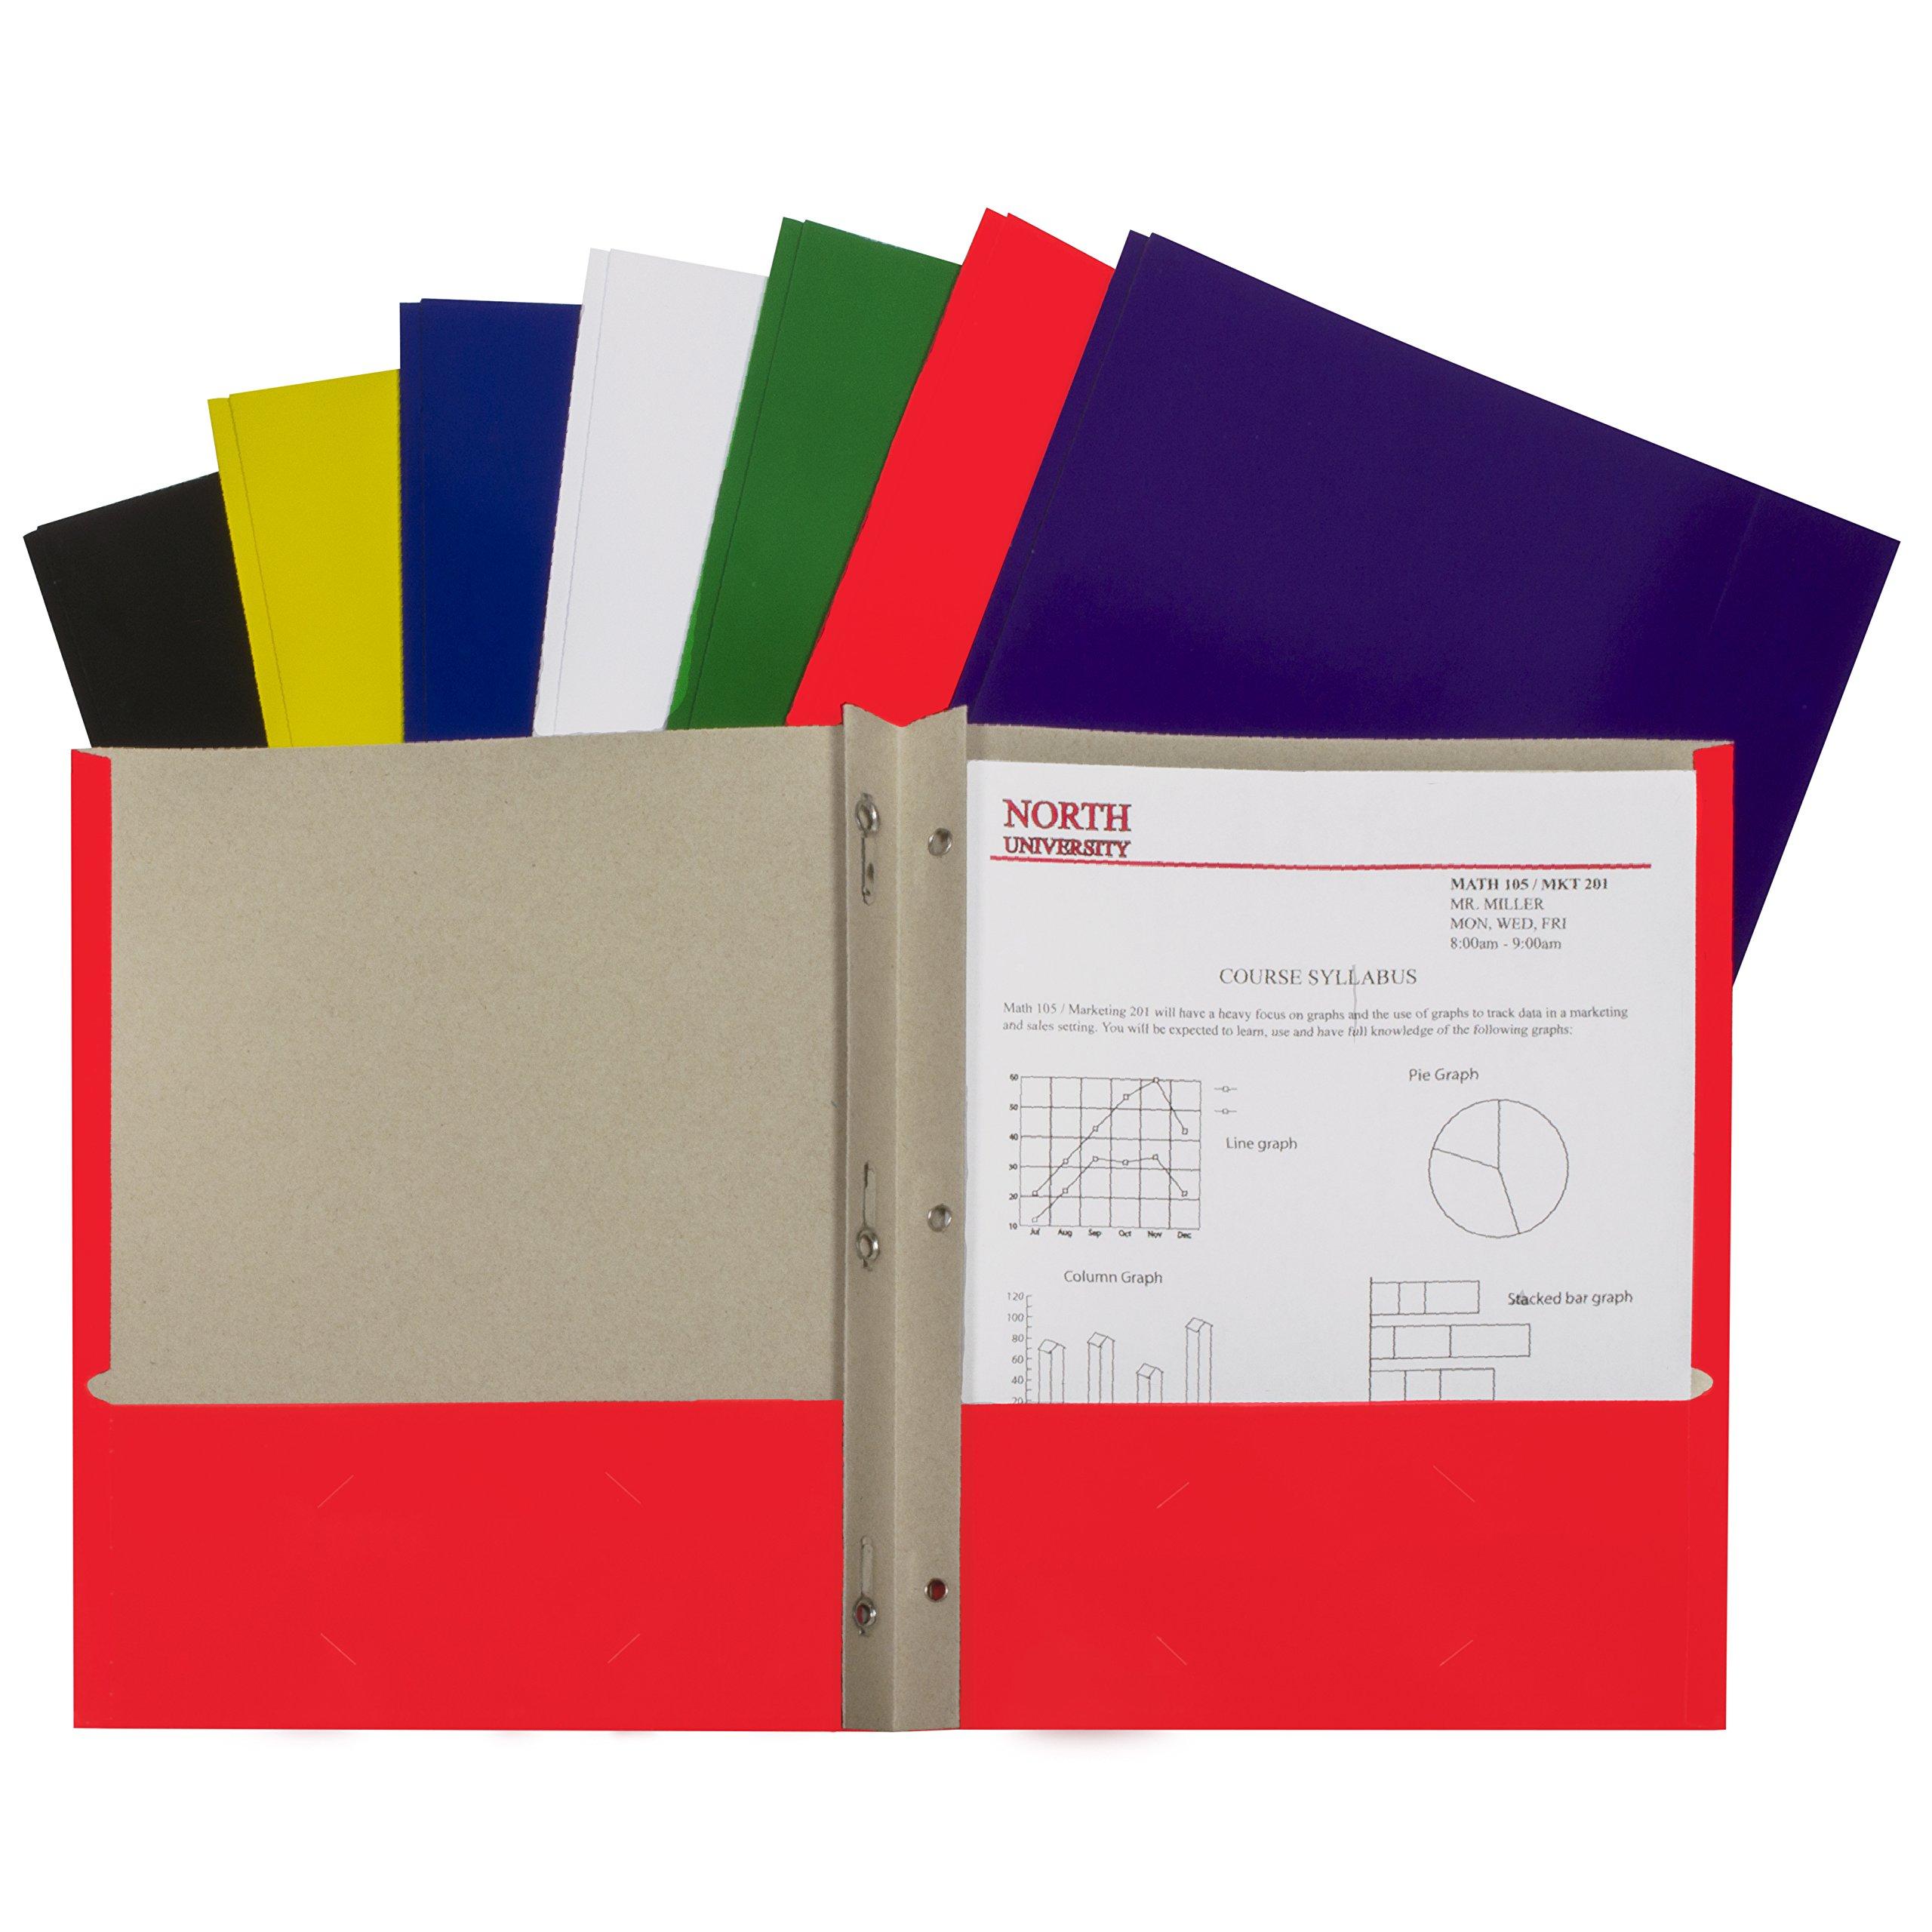 Paper portfolio